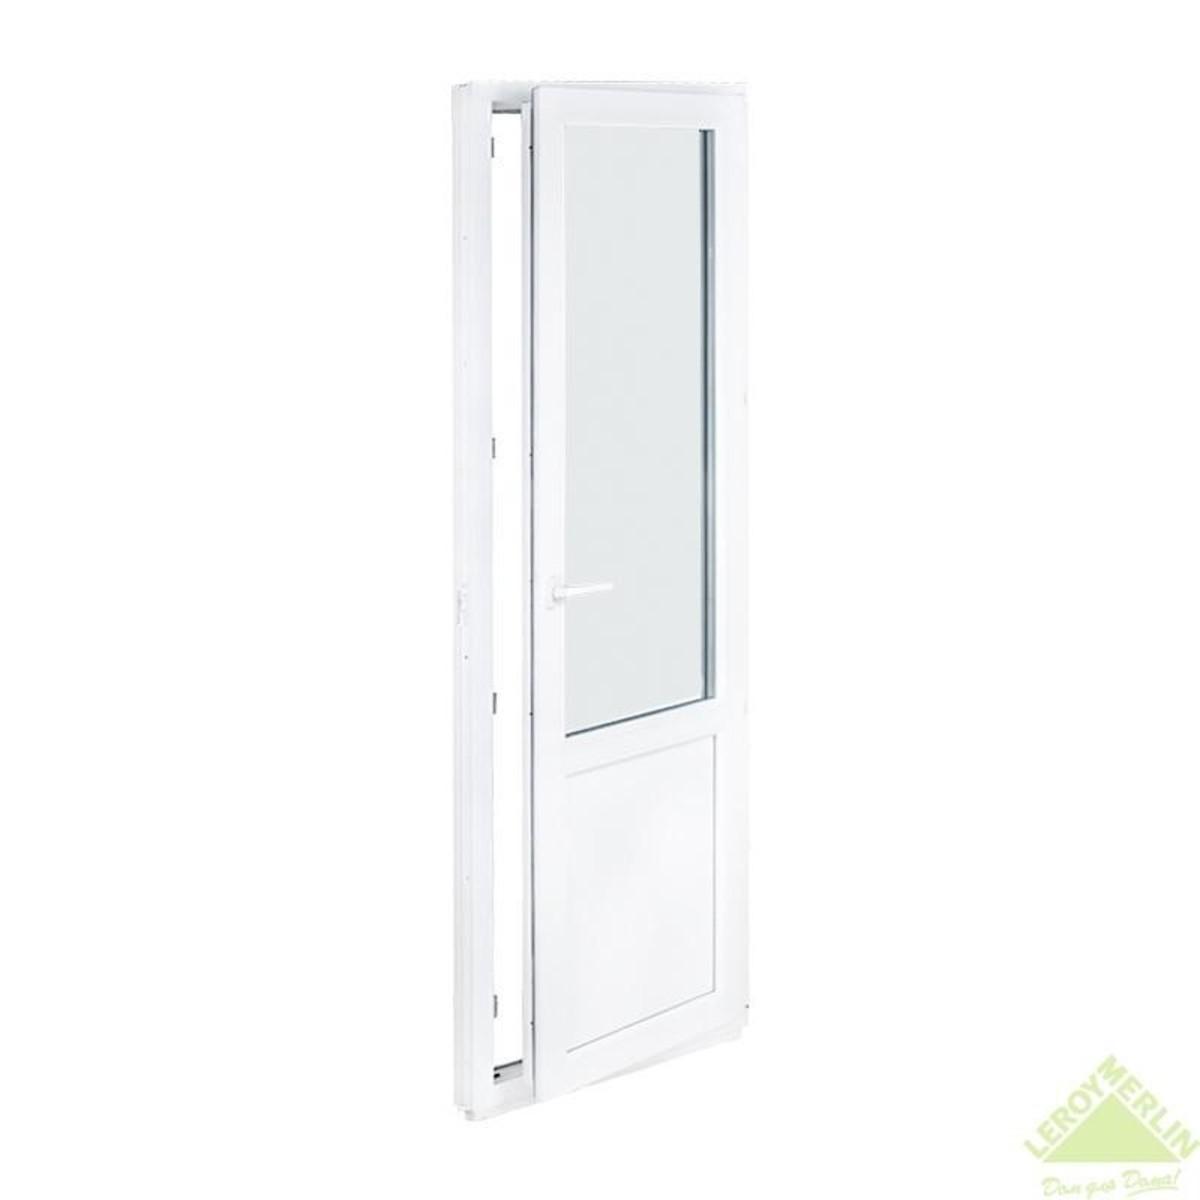 Дверь балконная ПВХ 67x218 см правая